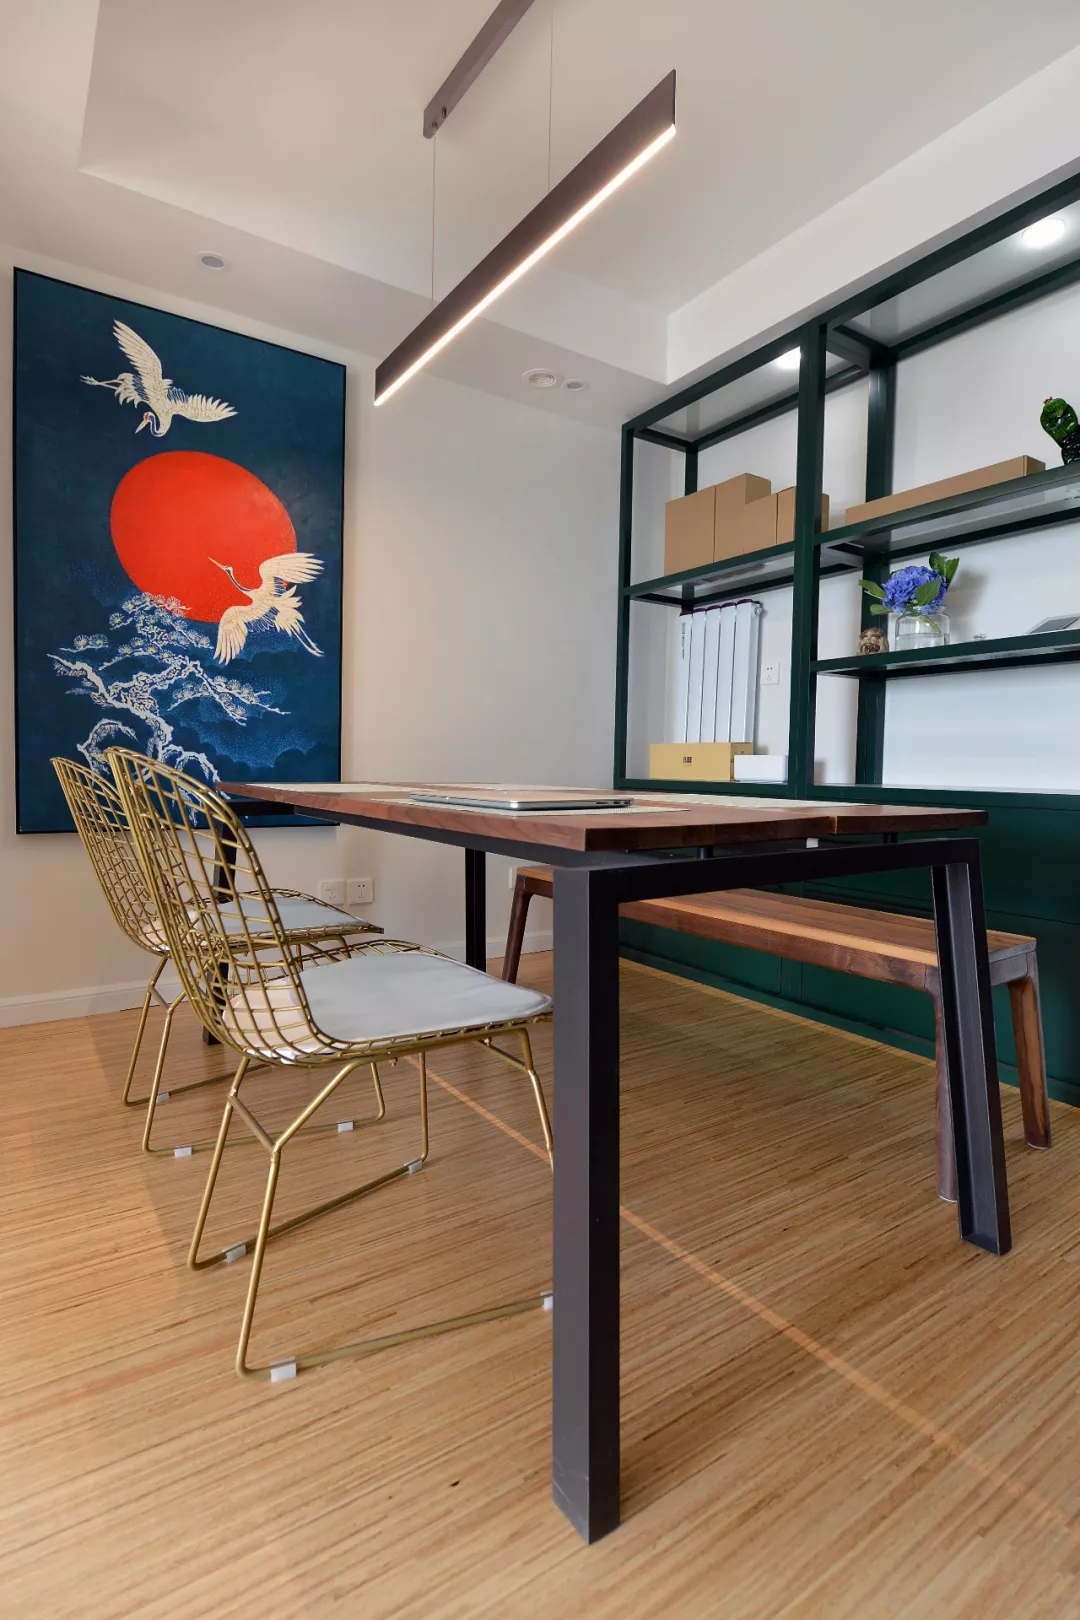 餐厅背景墙收纳柜,可以放置一些闲杂之物;一幅充满东方气息之画,为整个空间抹上一丝艺术色彩。